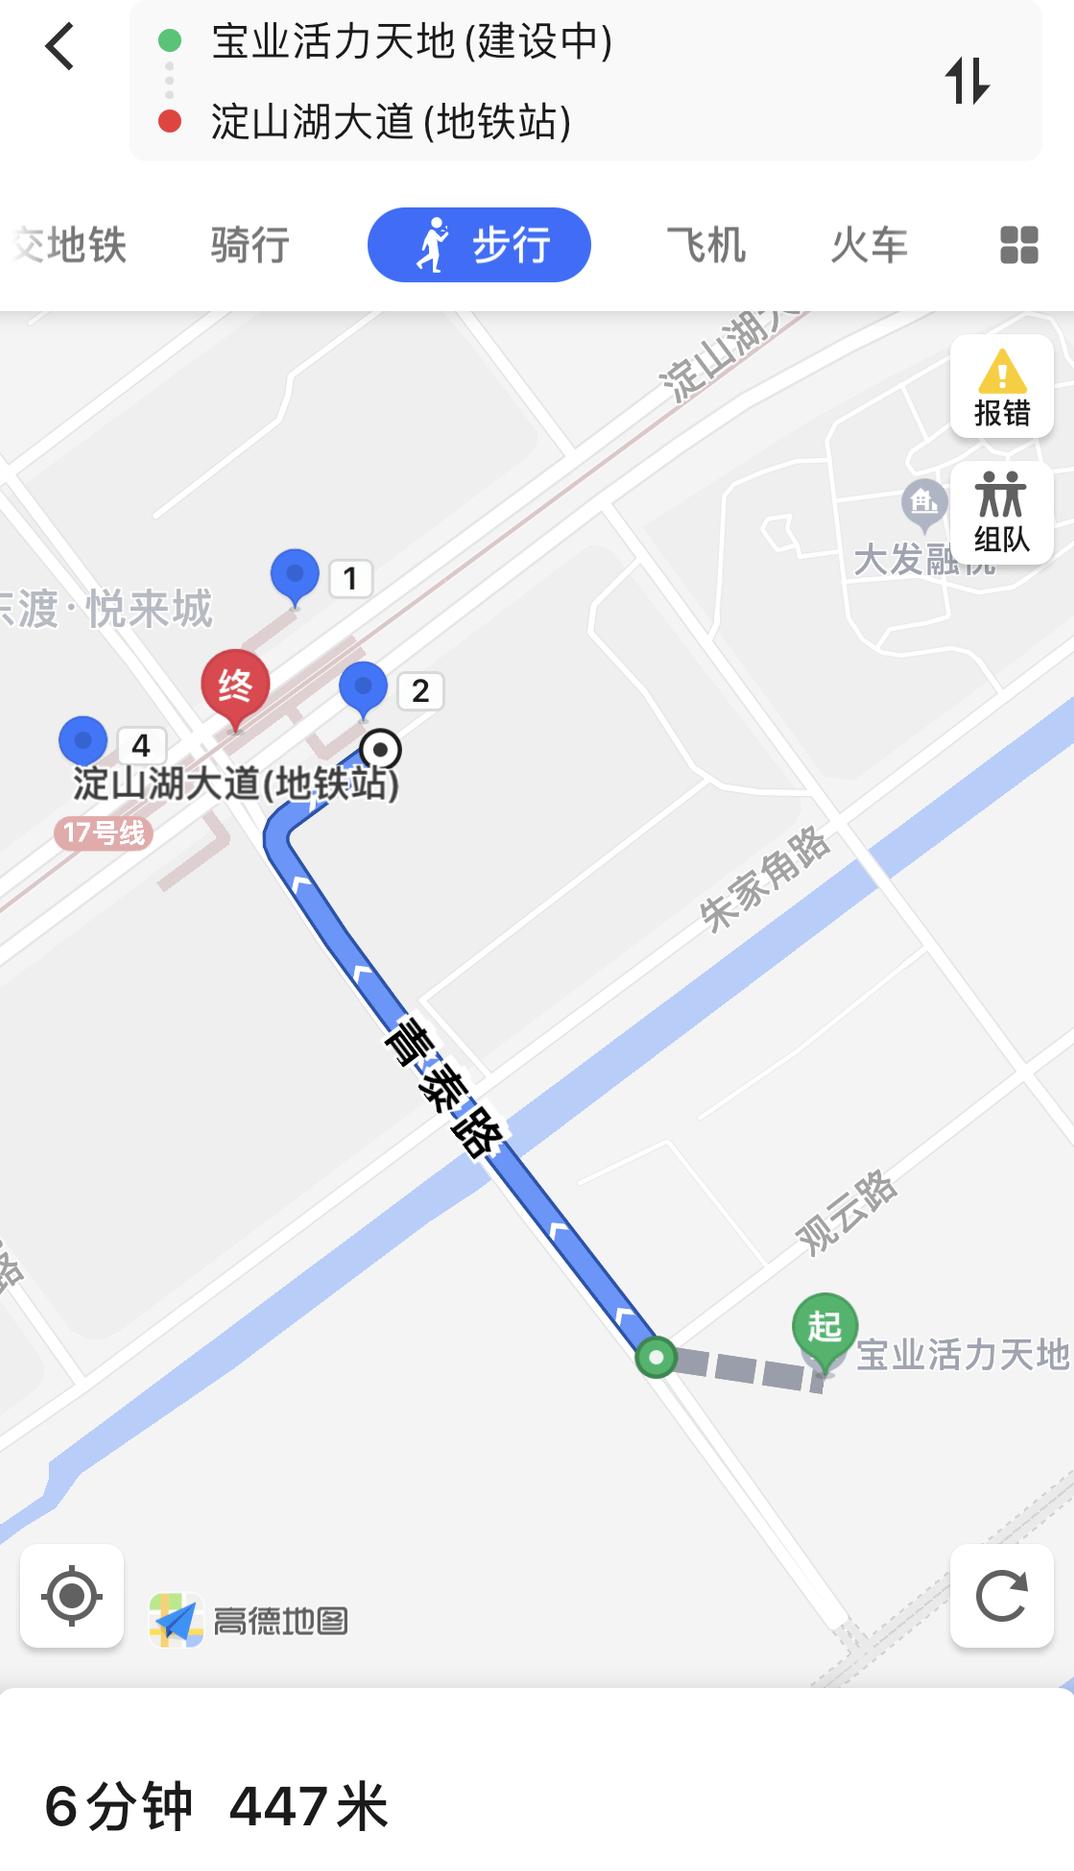 地铁+万达茂+80